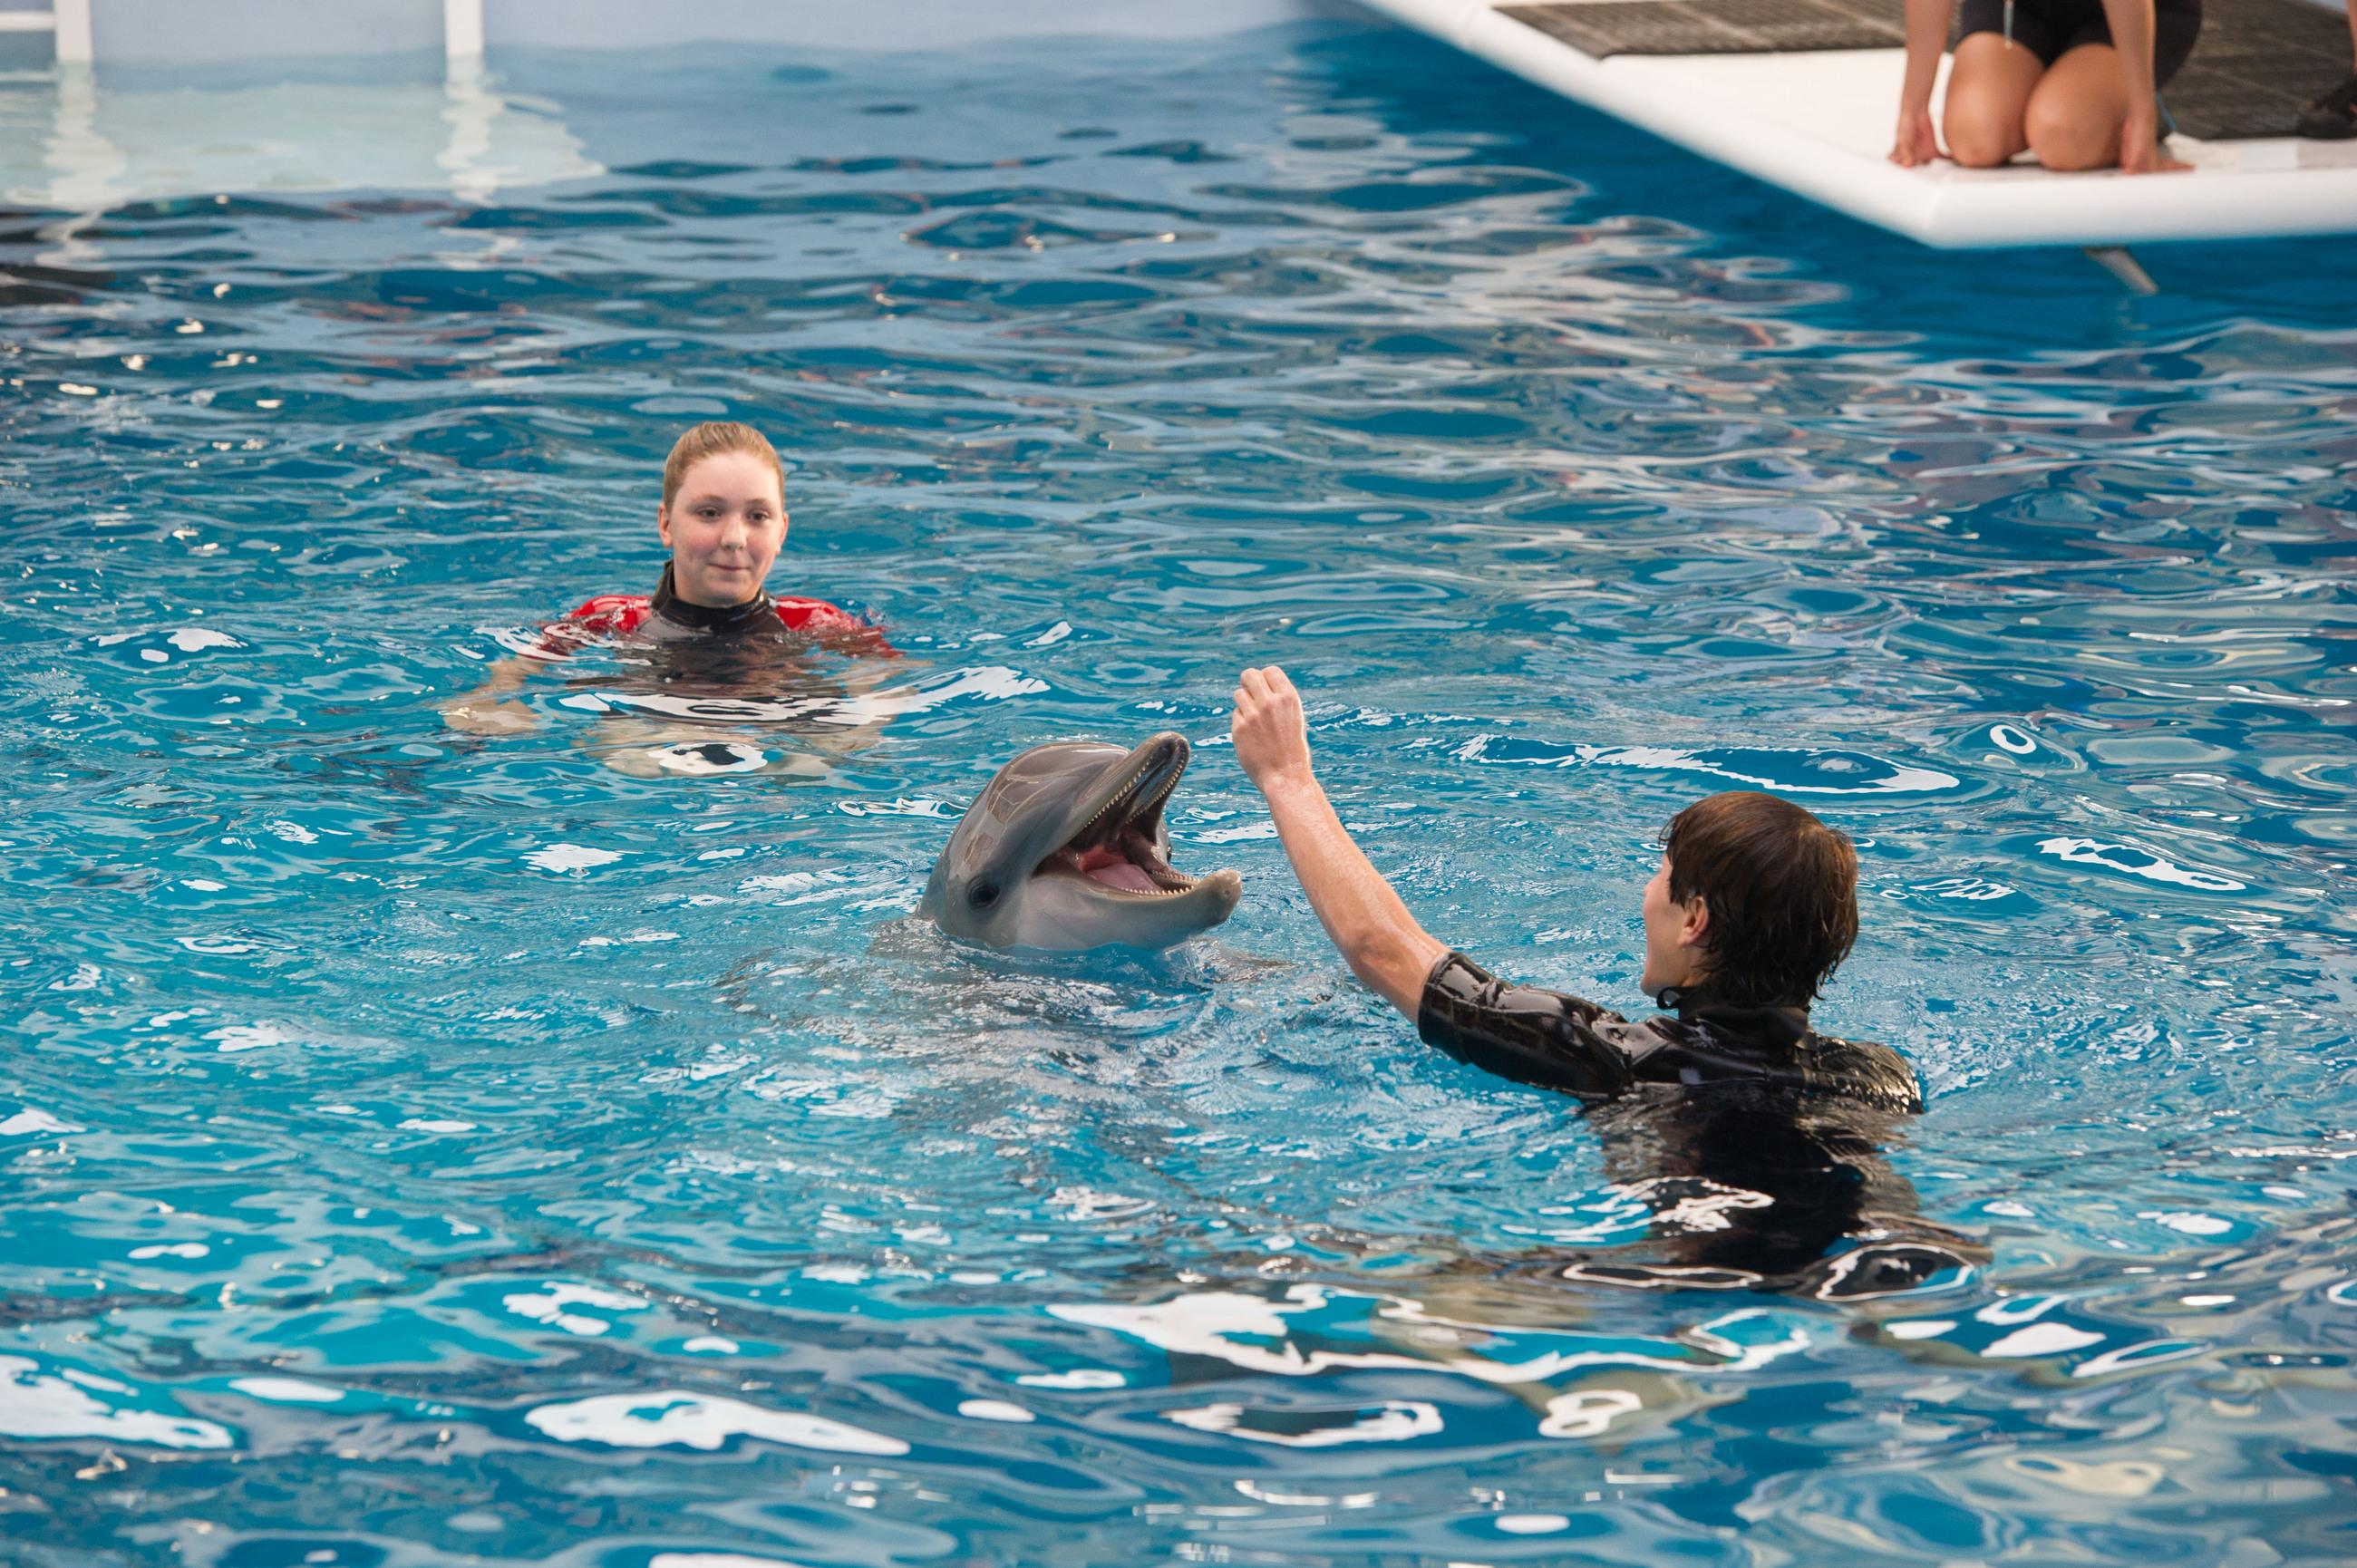 кадры из фильма История дельфина 2 Кози Цуельсдорфф, Натан Гэмбл,